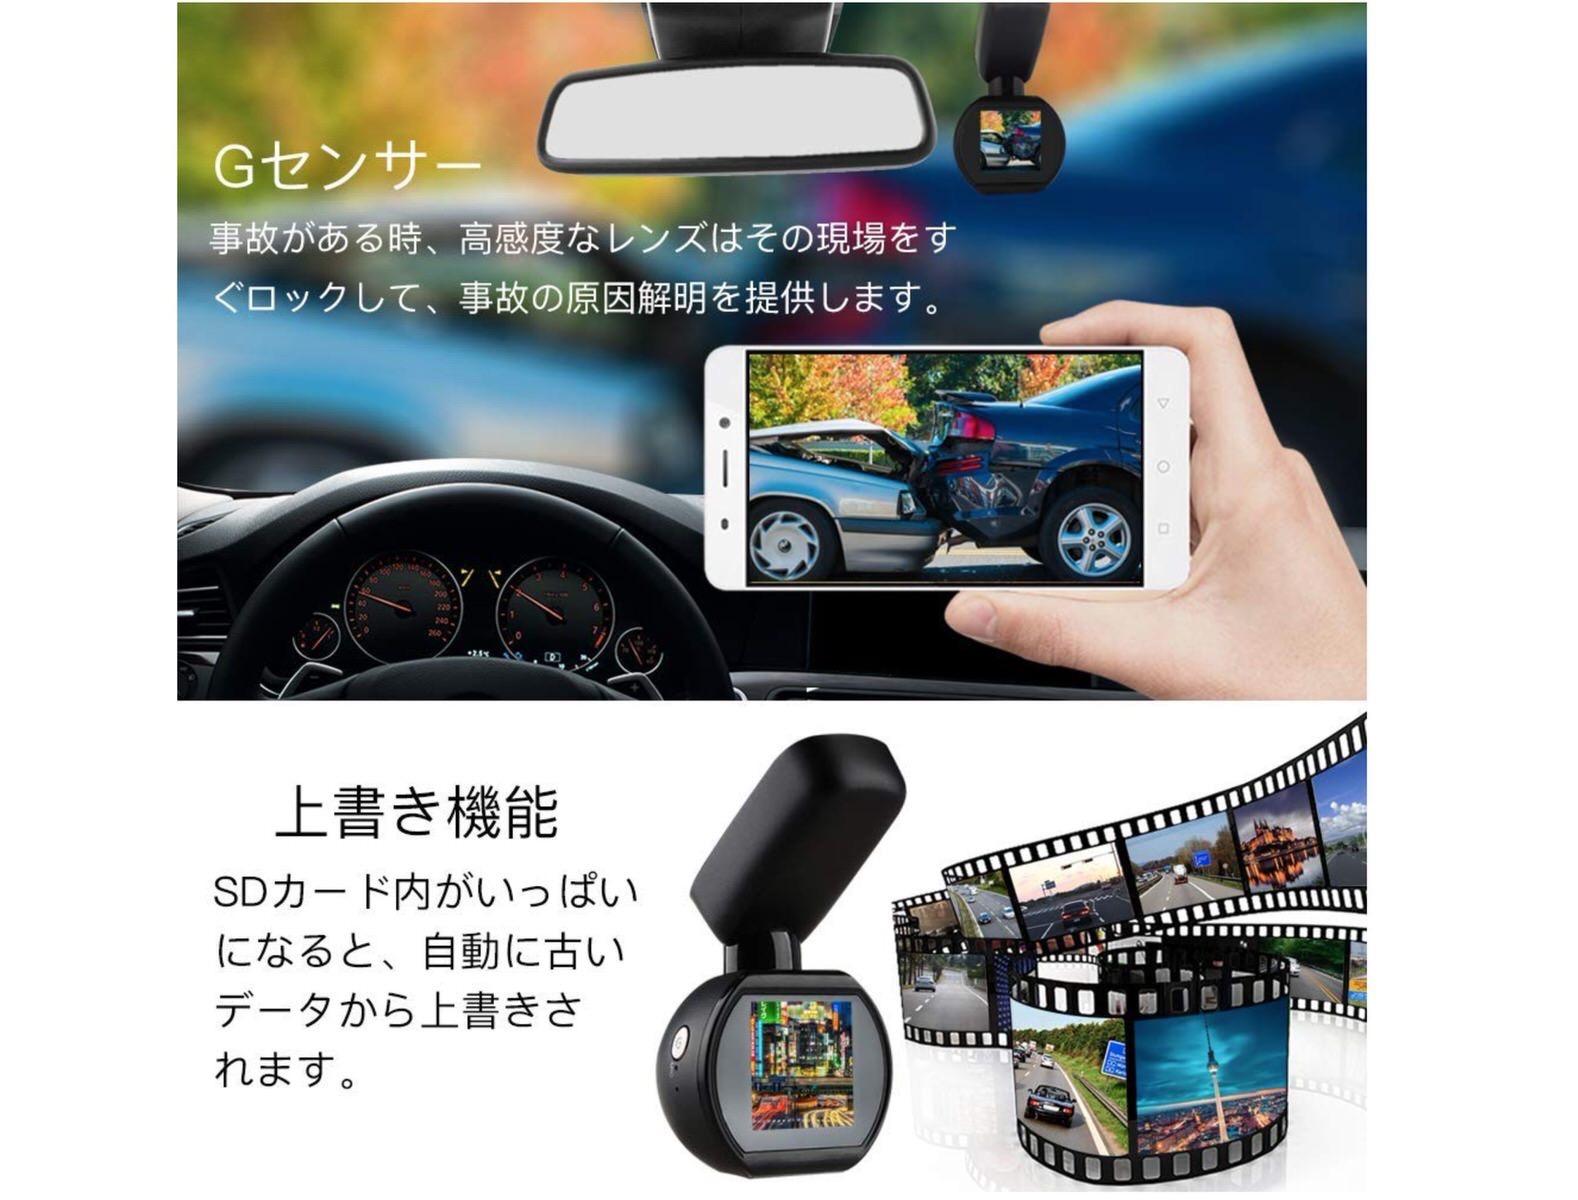 ドライブレコーダー WiFi【2018年最新版】HQBKiNG WiFi ドラレコ 1080PフルHD SONYセンサー搭載 高画質 ミニ 小型車載カメラ-4